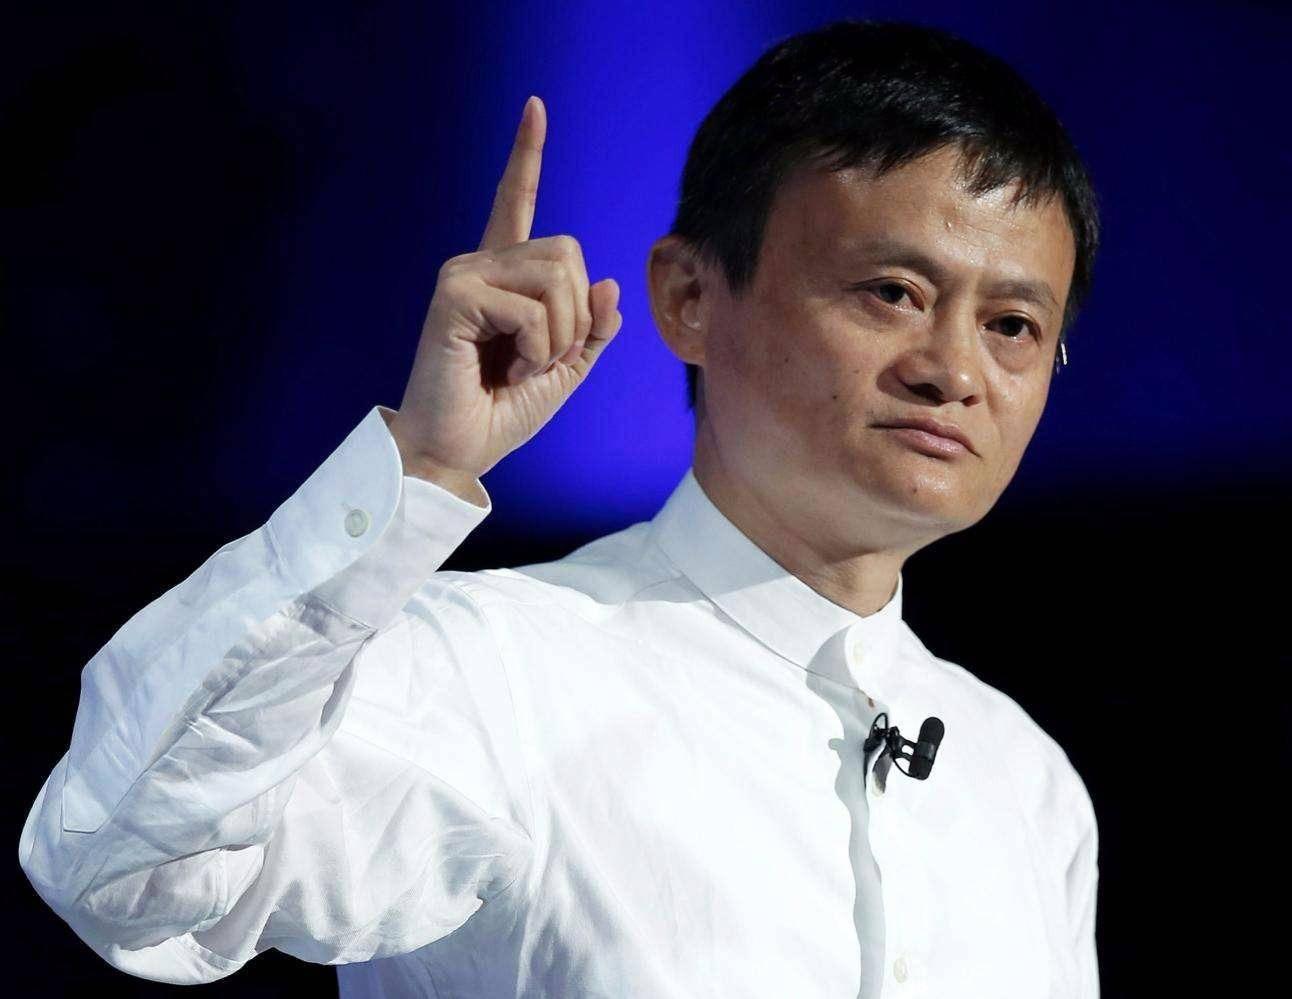 【早报】马云表态:中美贸易战争绝不是解决办法